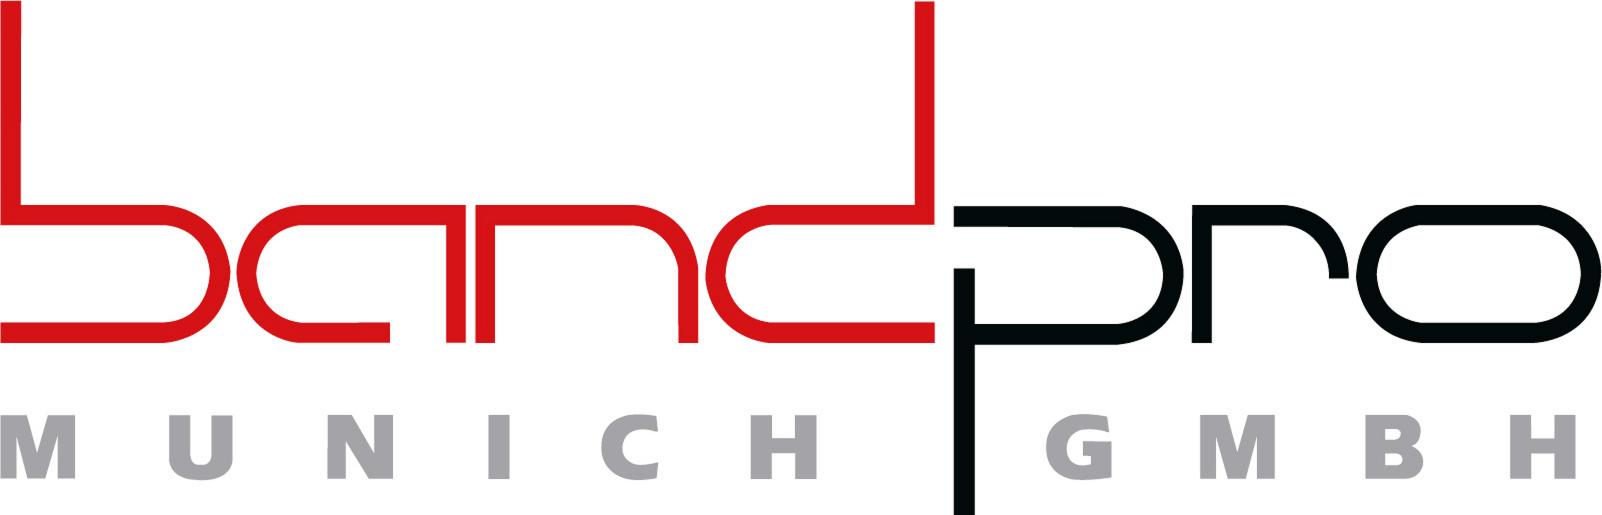 Band Pro Munich GmbH